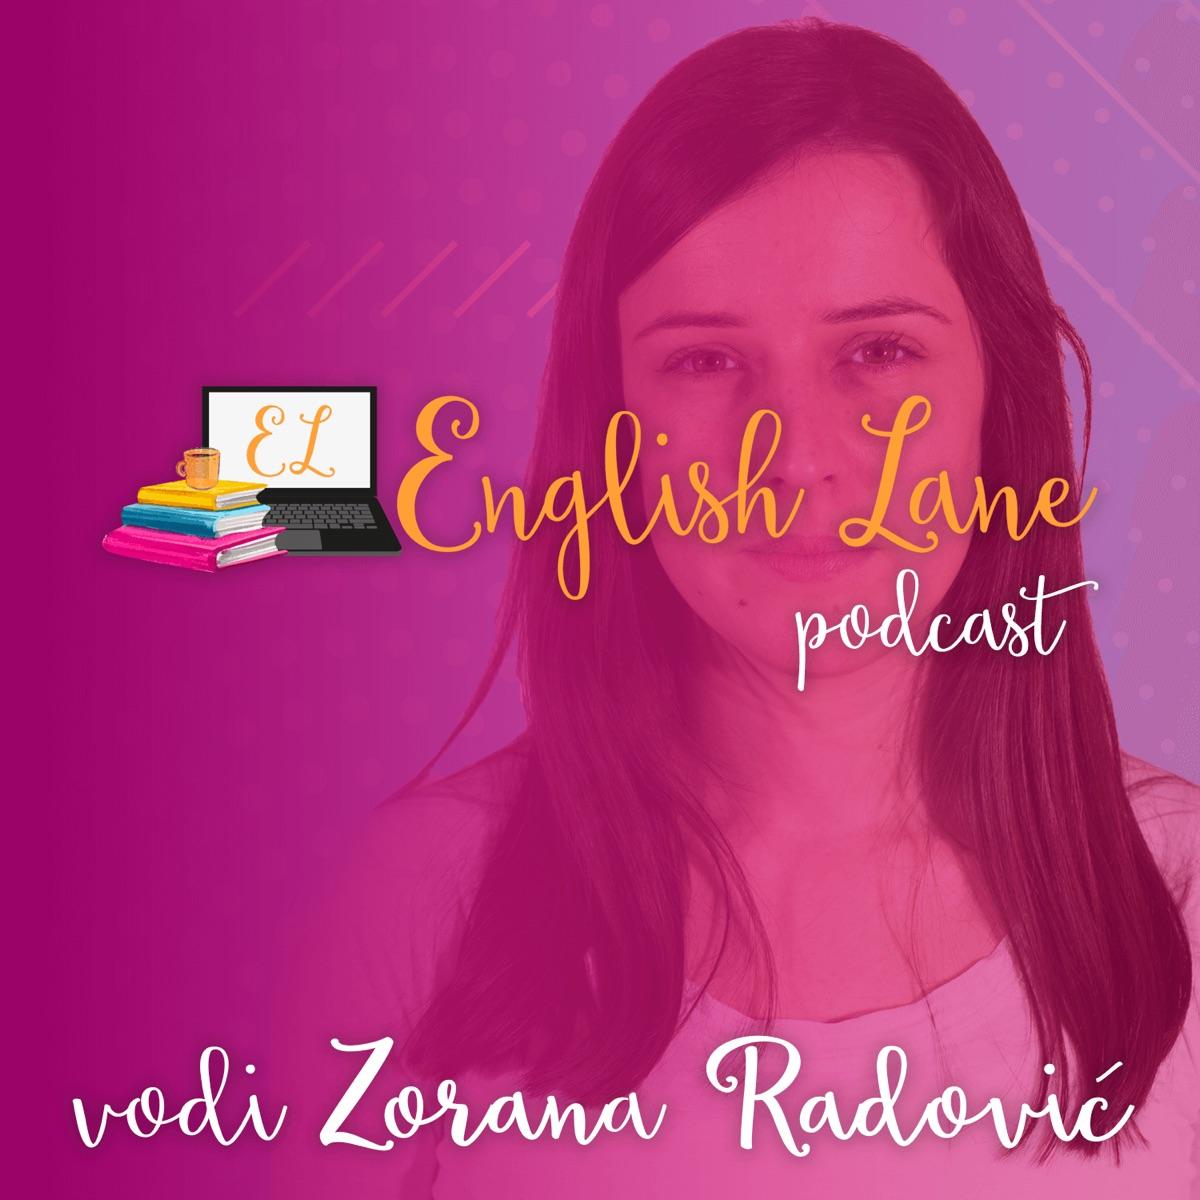 English Lane Podcast